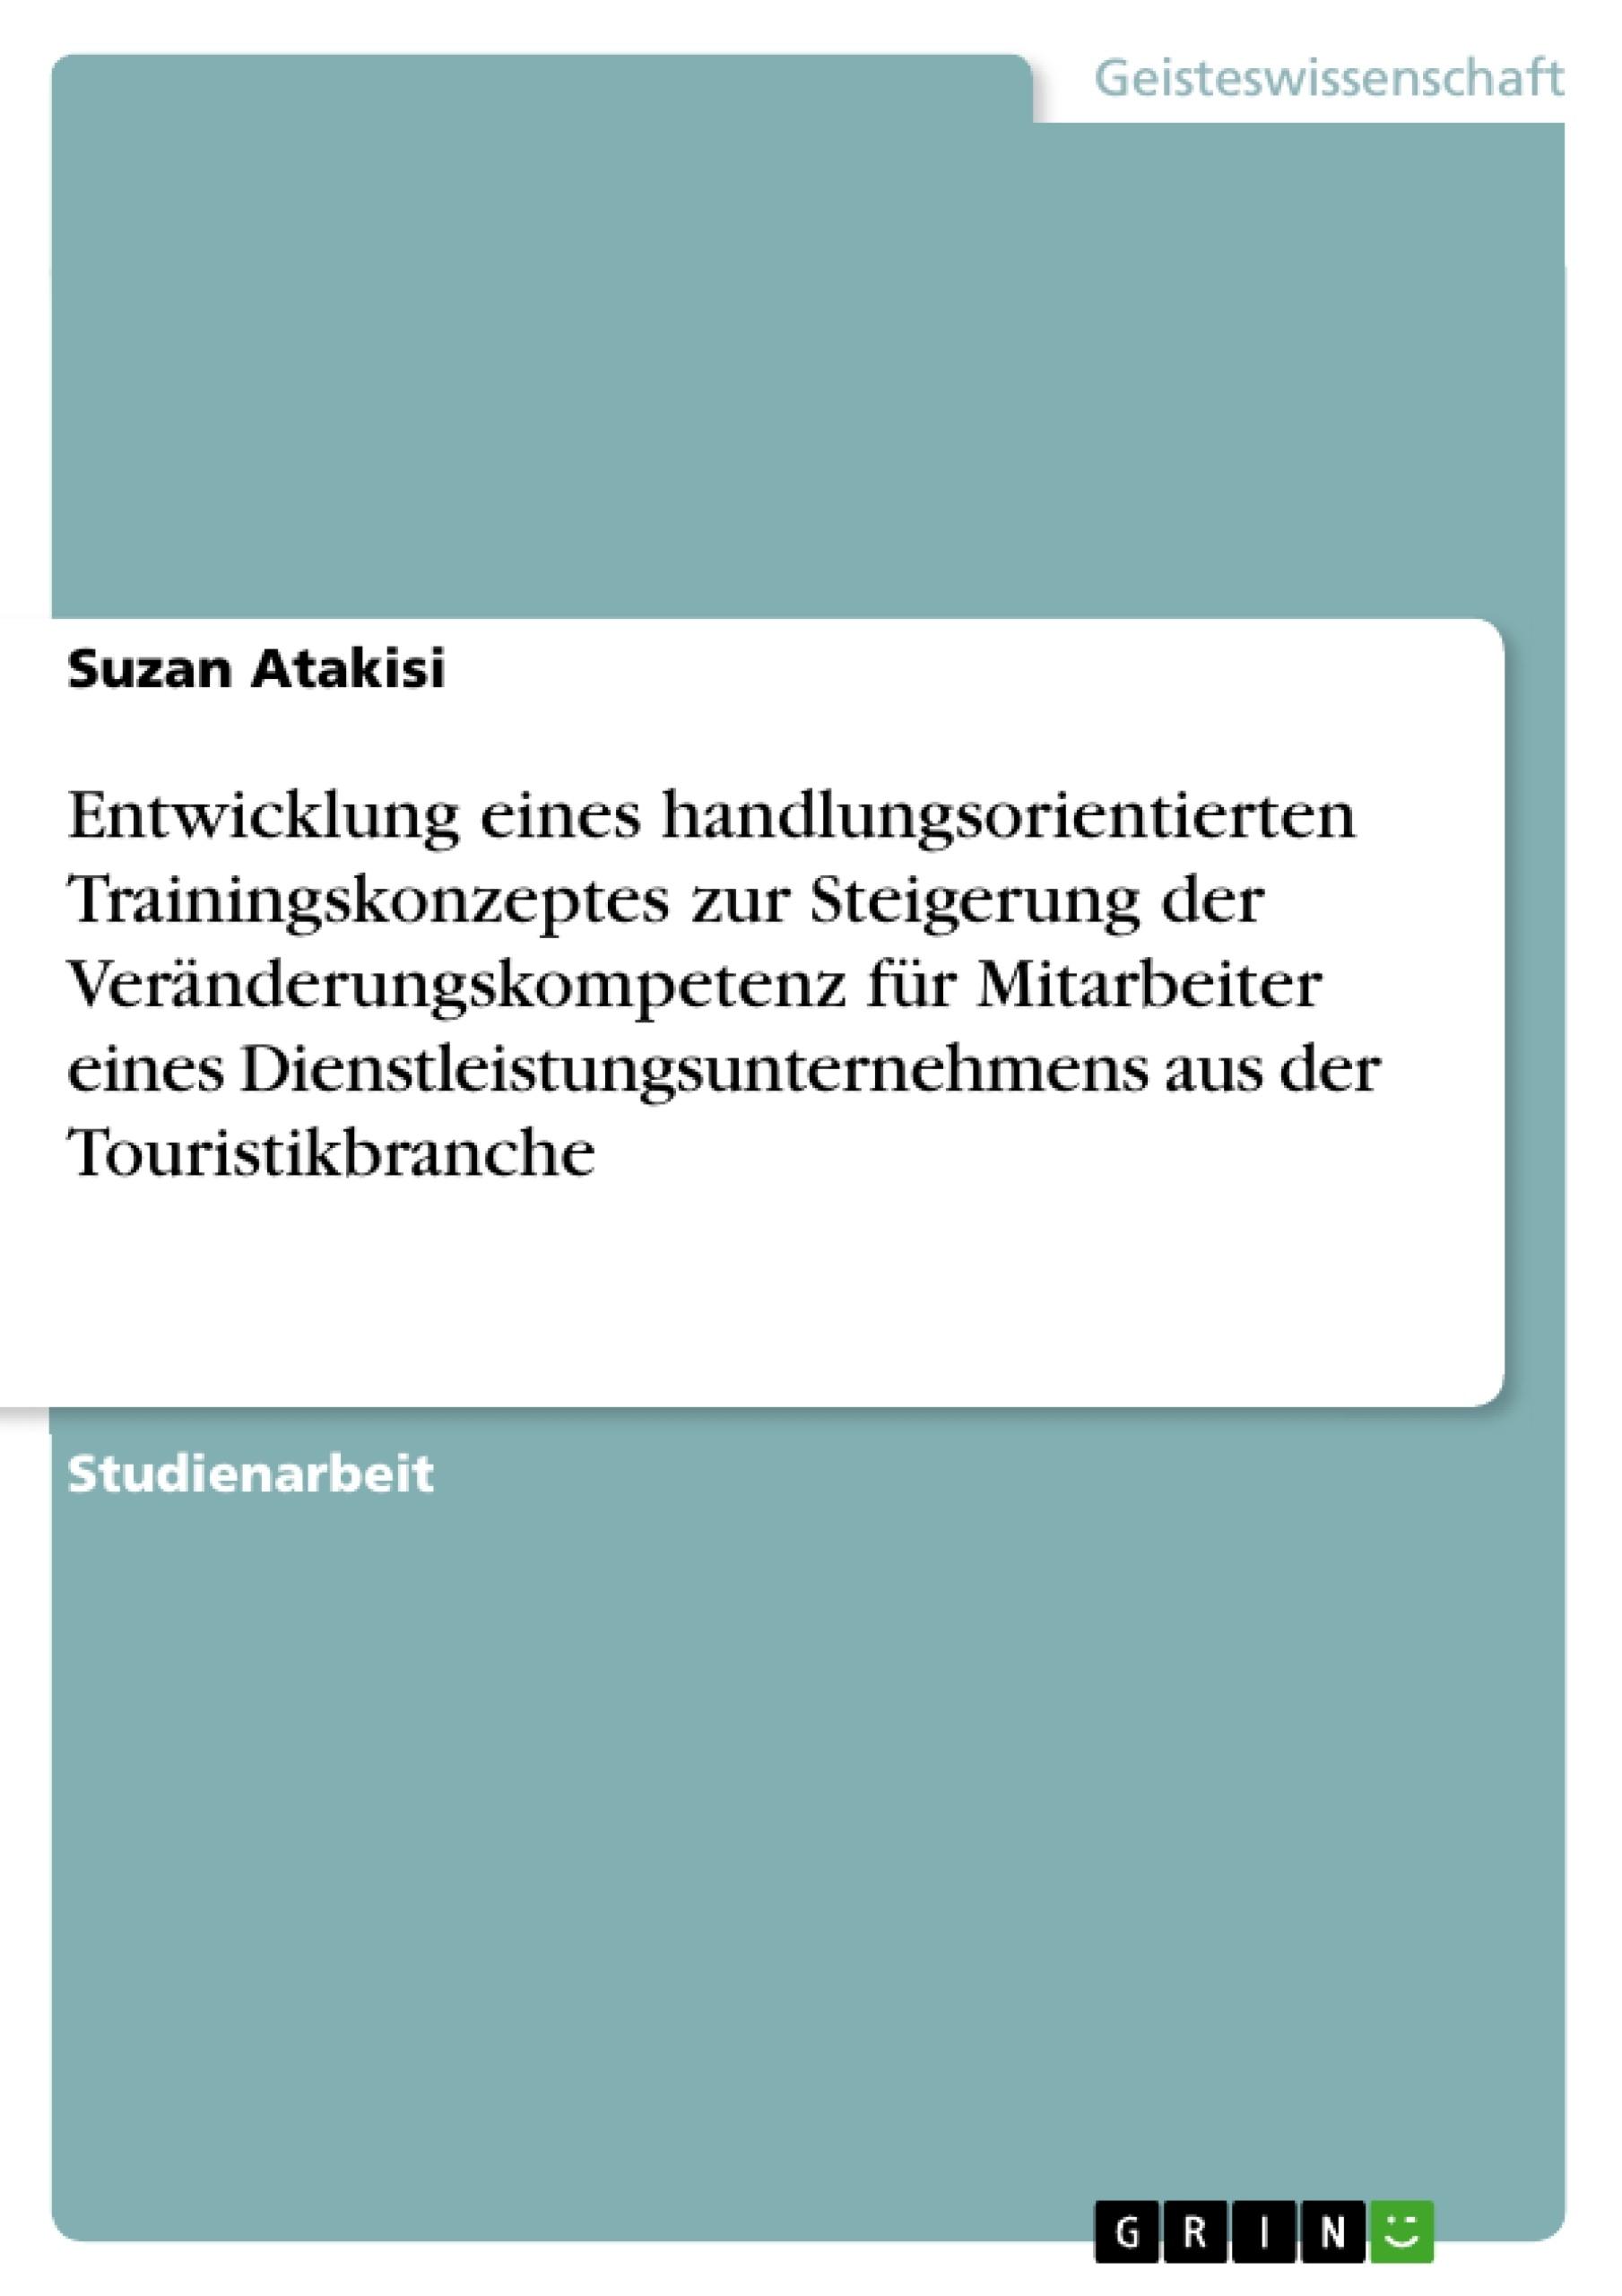 Titel: Entwicklung eines handlungsorientierten Trainingskonzeptes zur Steigerung der Veränderungskompetenz für Mitarbeiter eines Dienstleistungsunternehmens aus der Touristikbranche